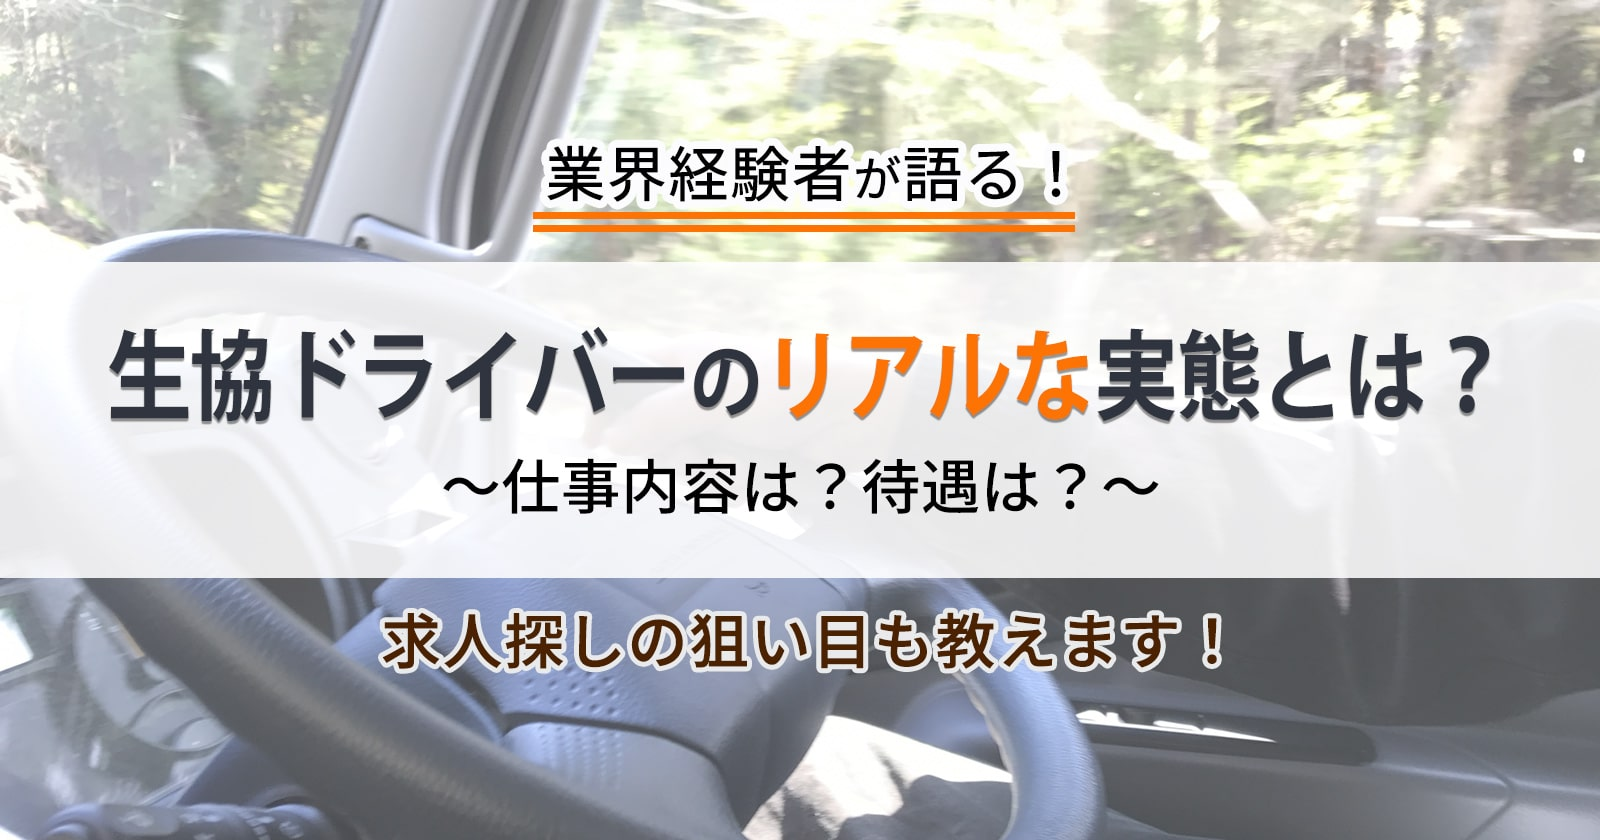 40代でもOK!生協宅配ドライバーの仕事を業界経験者が詳しく解説!